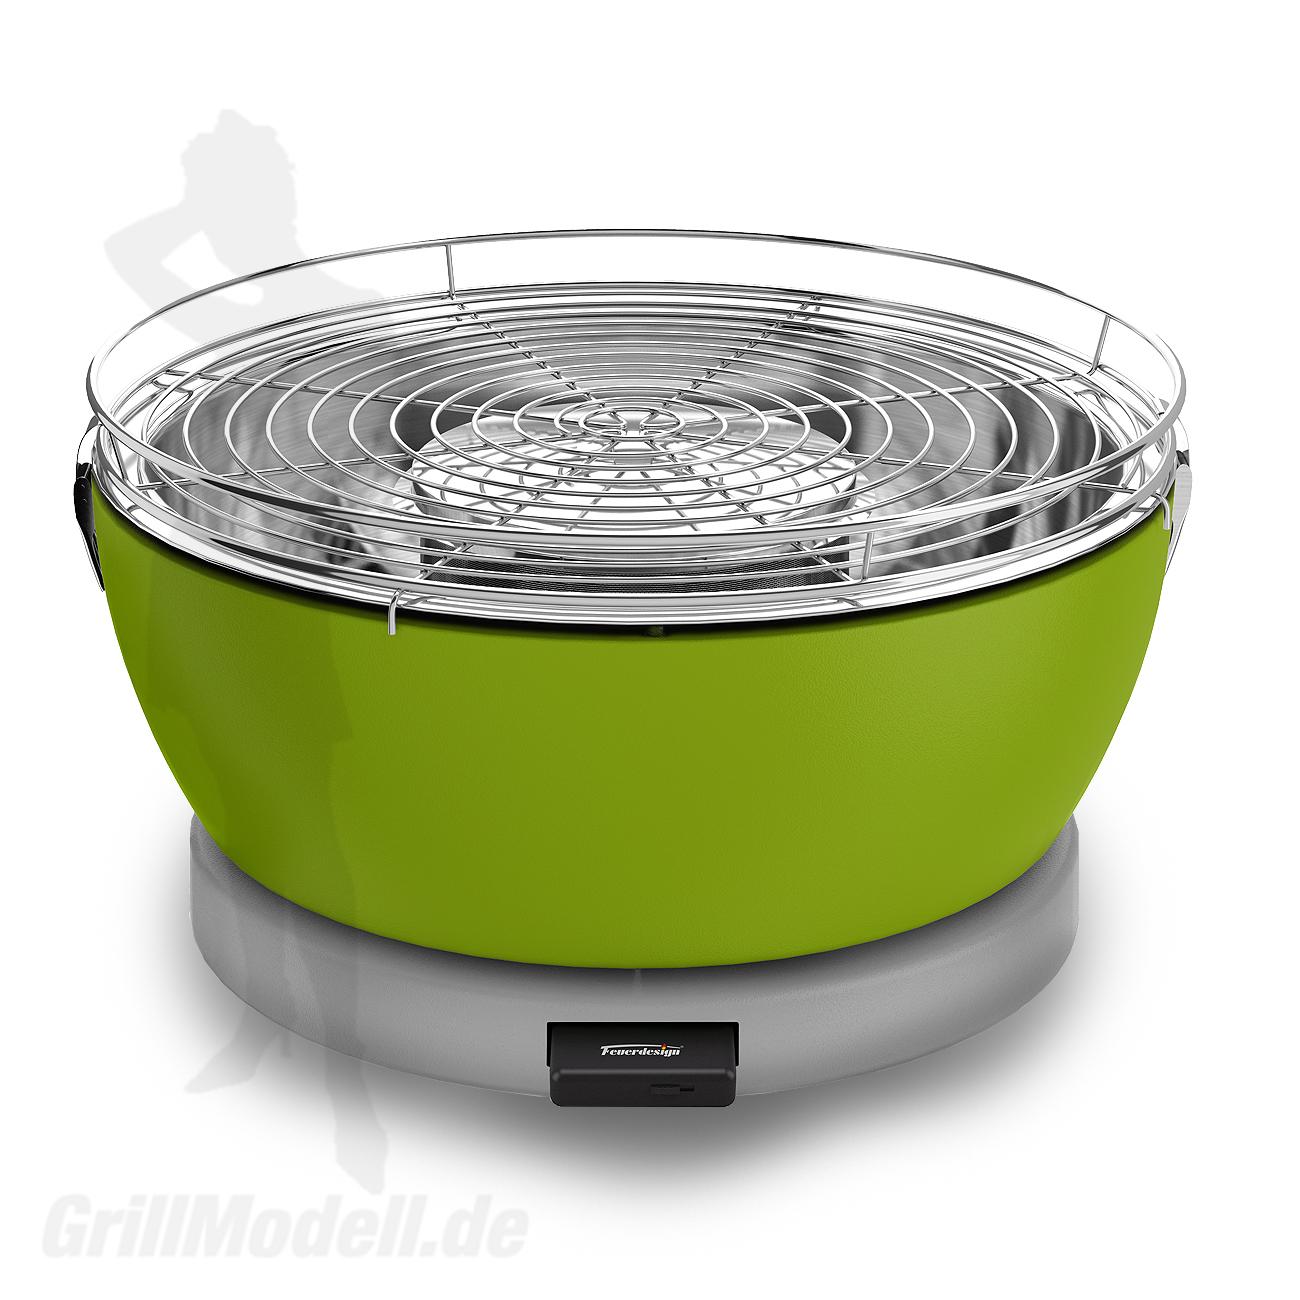 Holzkohle Tischgrill von Feuerdesign - Modell Vesuvio in Farbe Grün